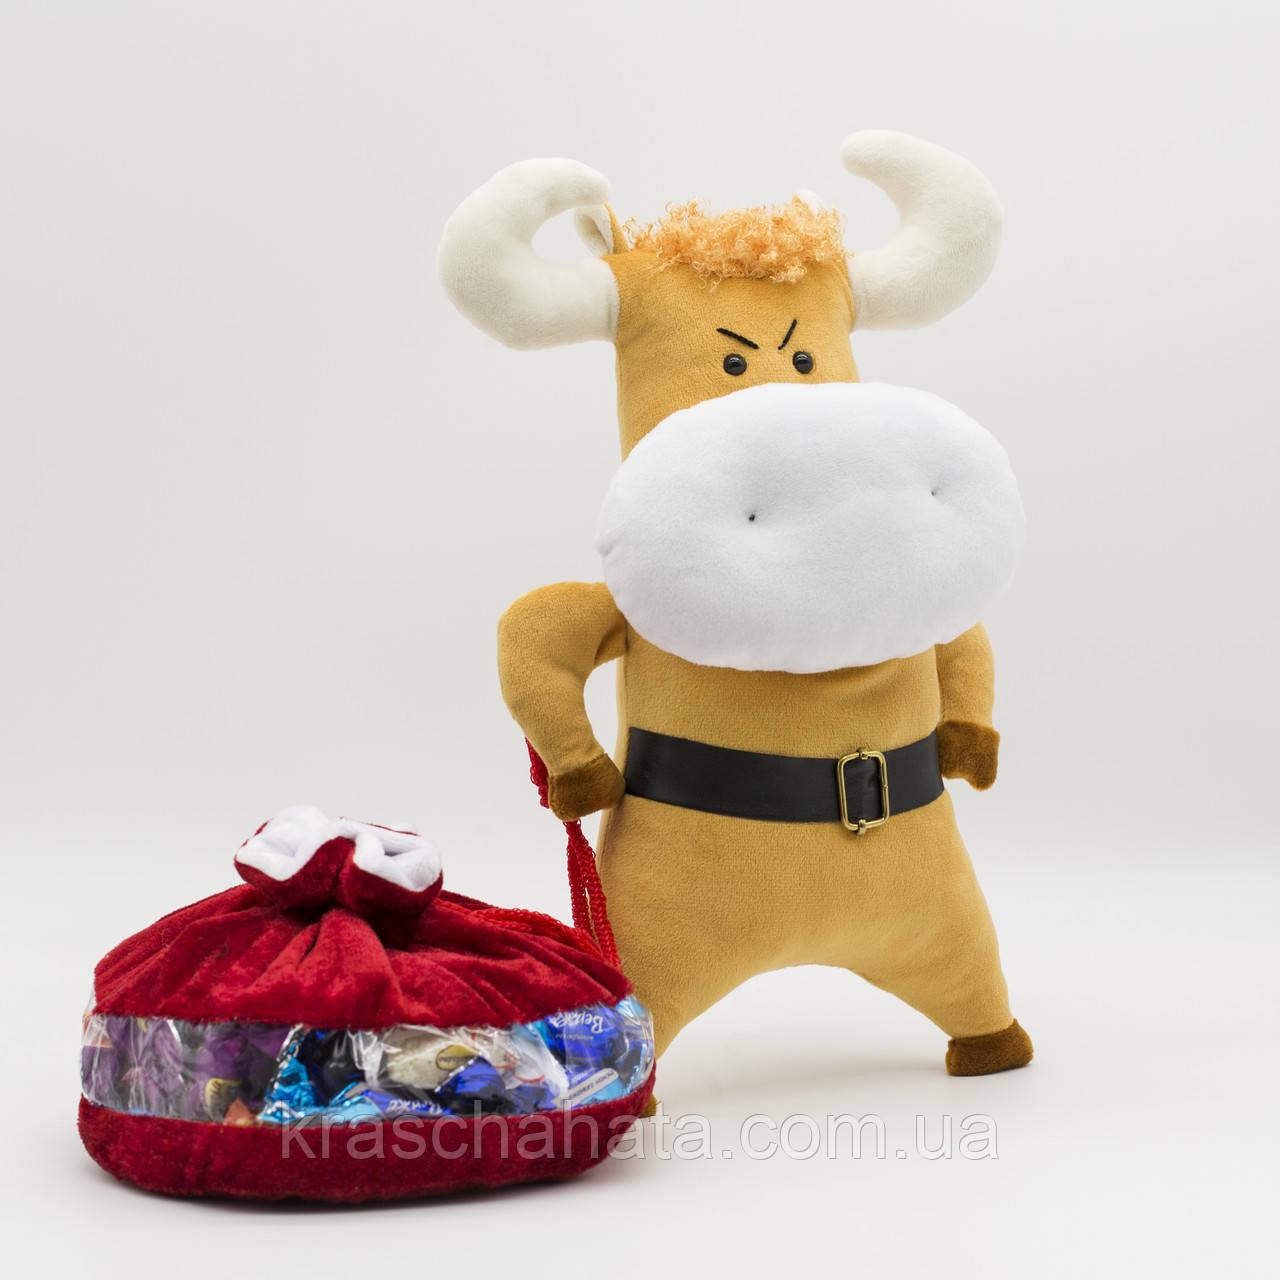 Бычок Саня, мягкая игрушка, 31 см, Символ года 2021